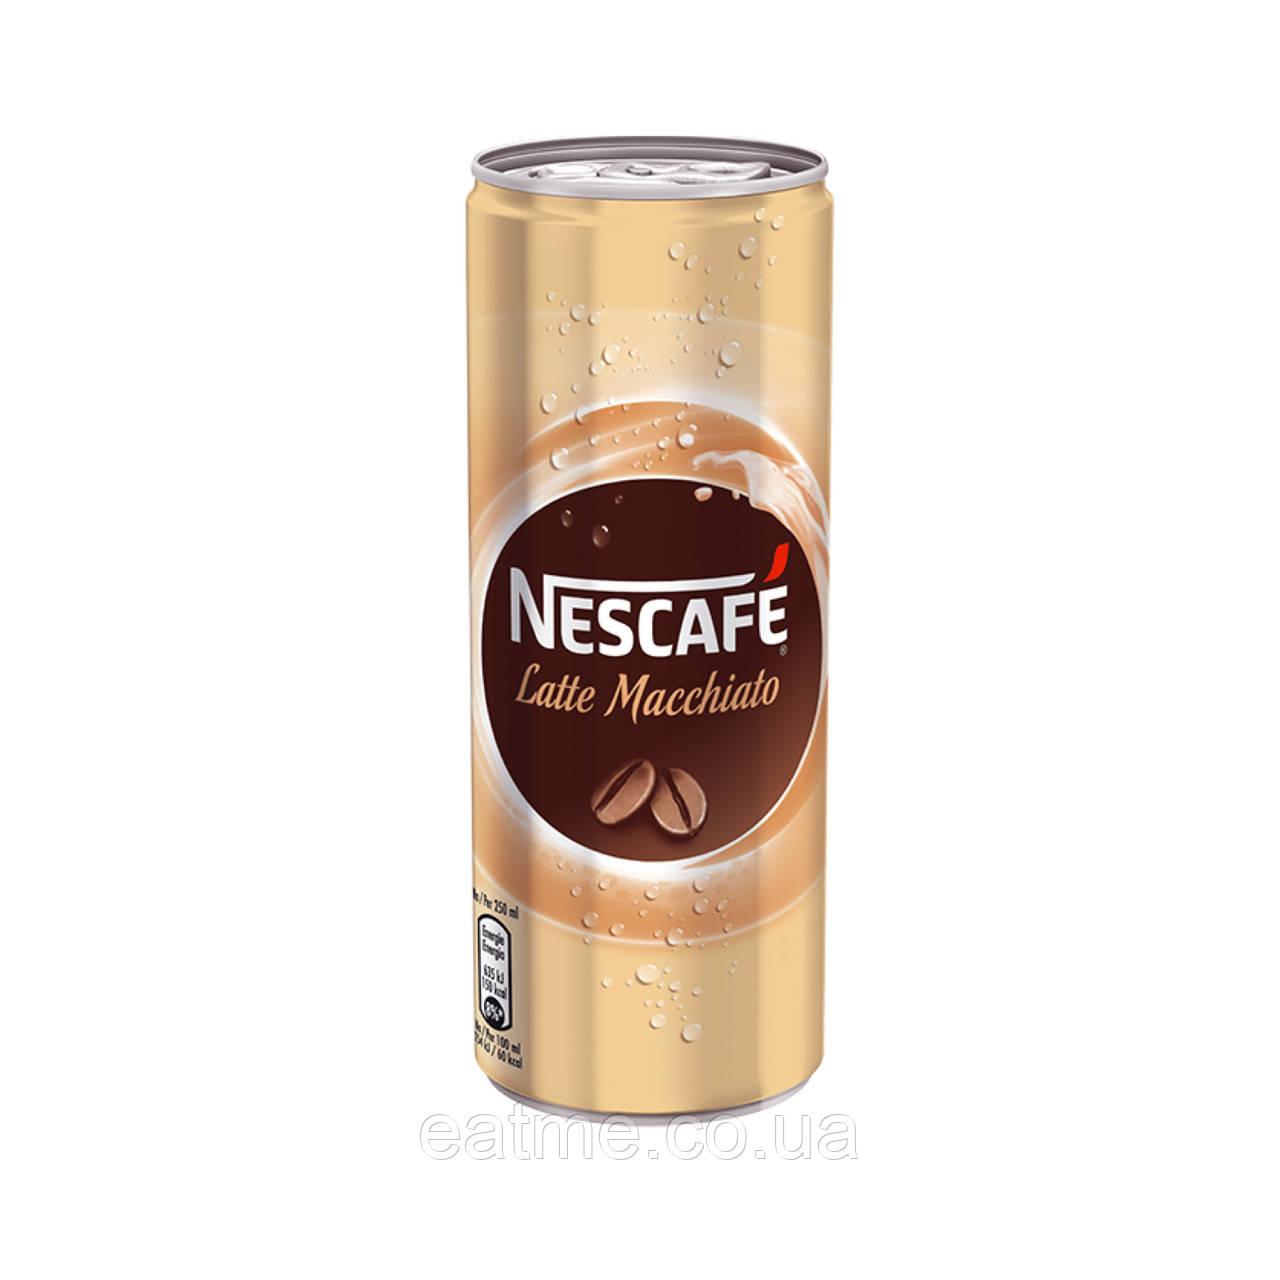 Холодный кофе Nescafé Latte Macchiato